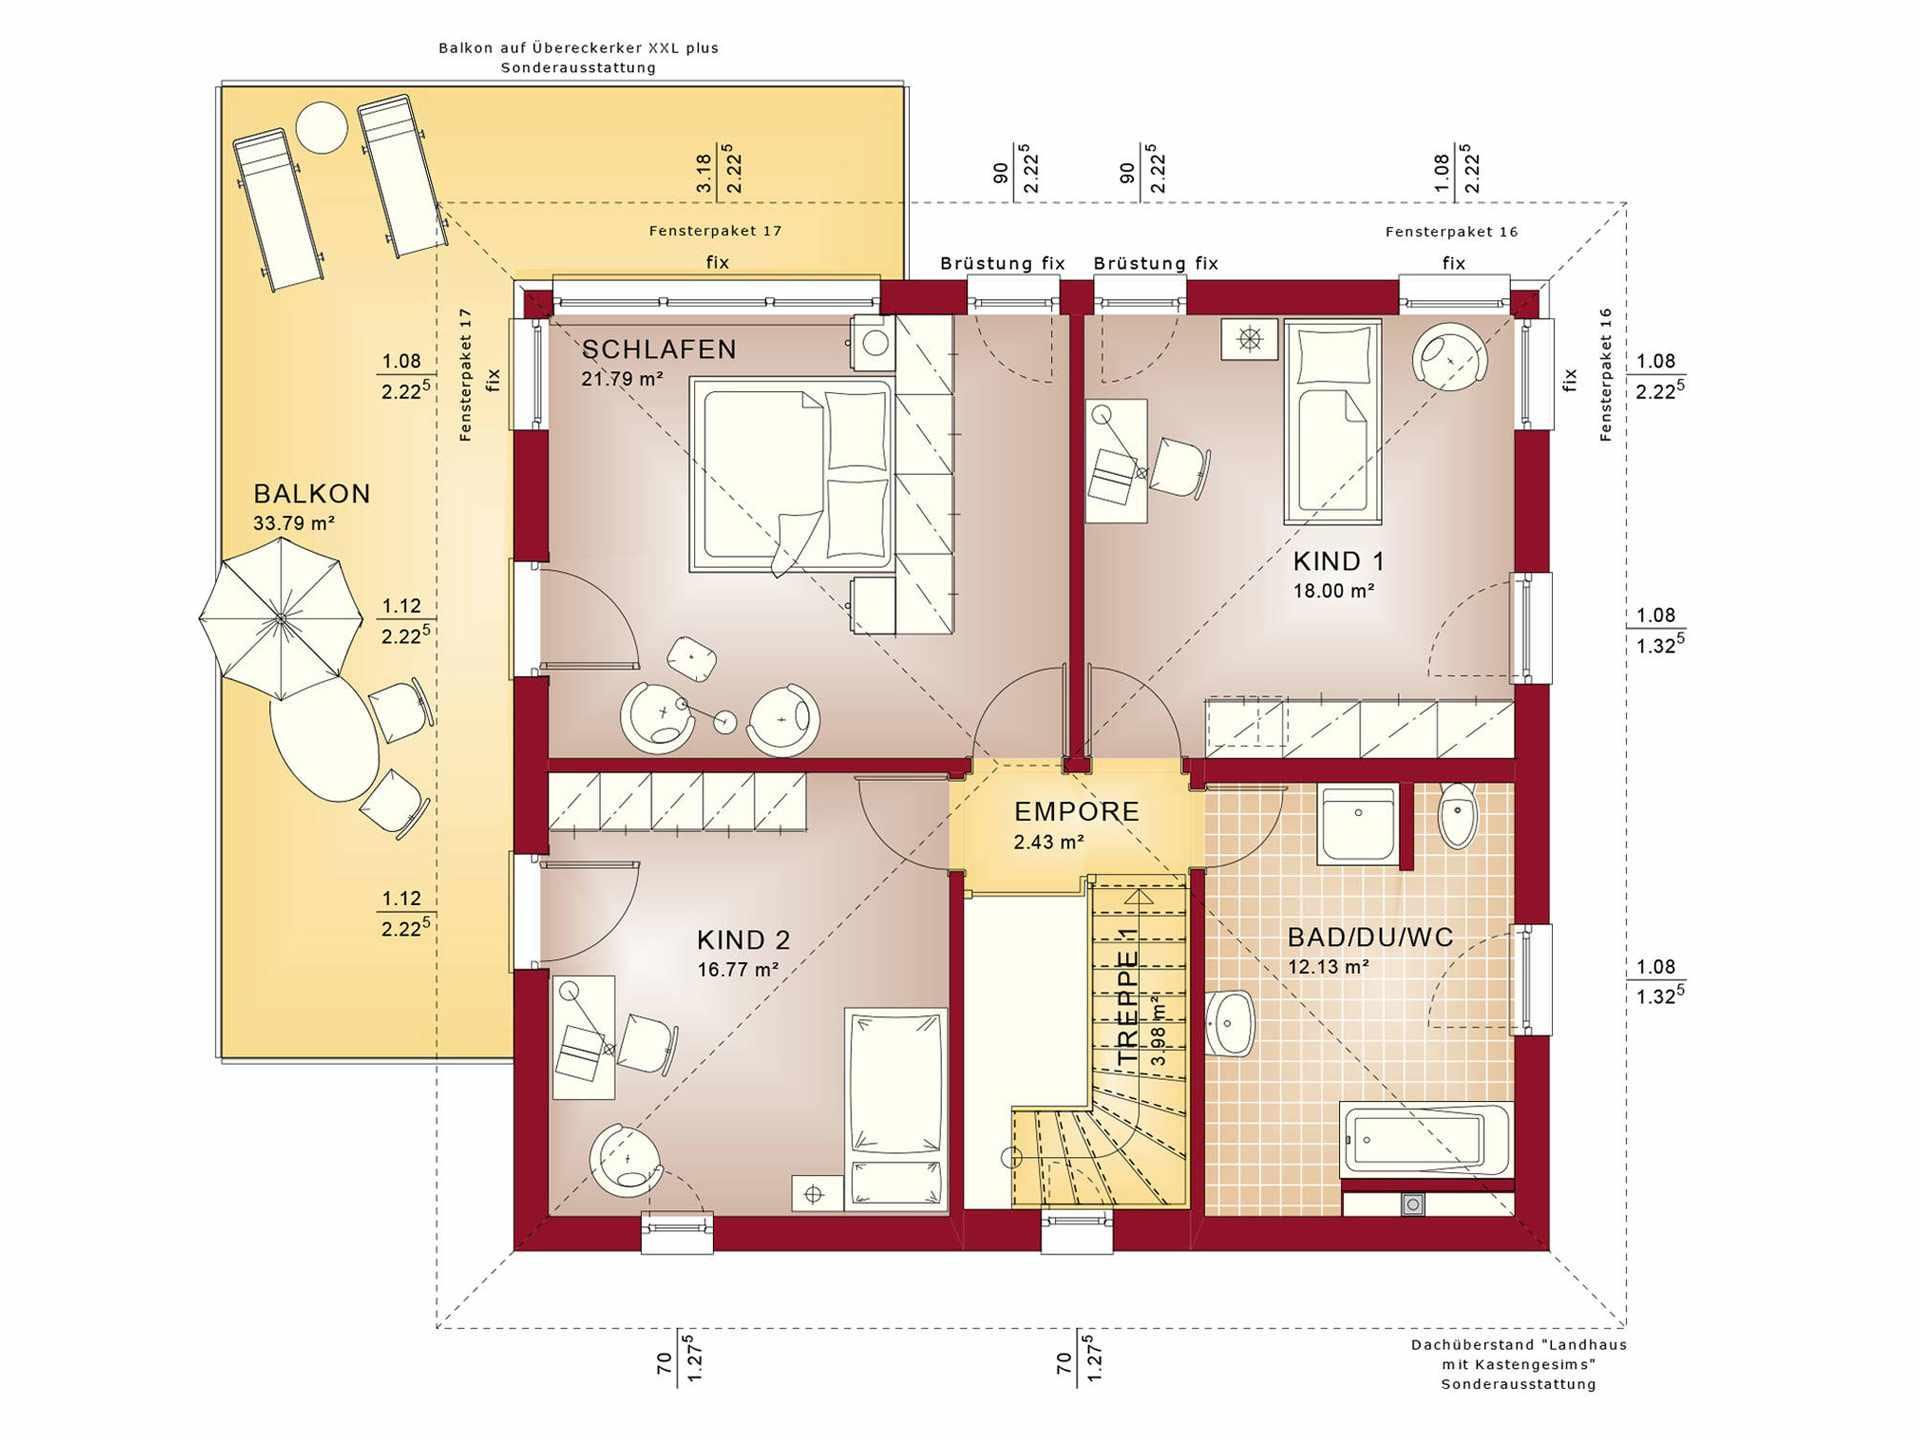 Grundriss stadtvilla  Stadtvilla bauen - Anbieter, Preise & Grundrisse